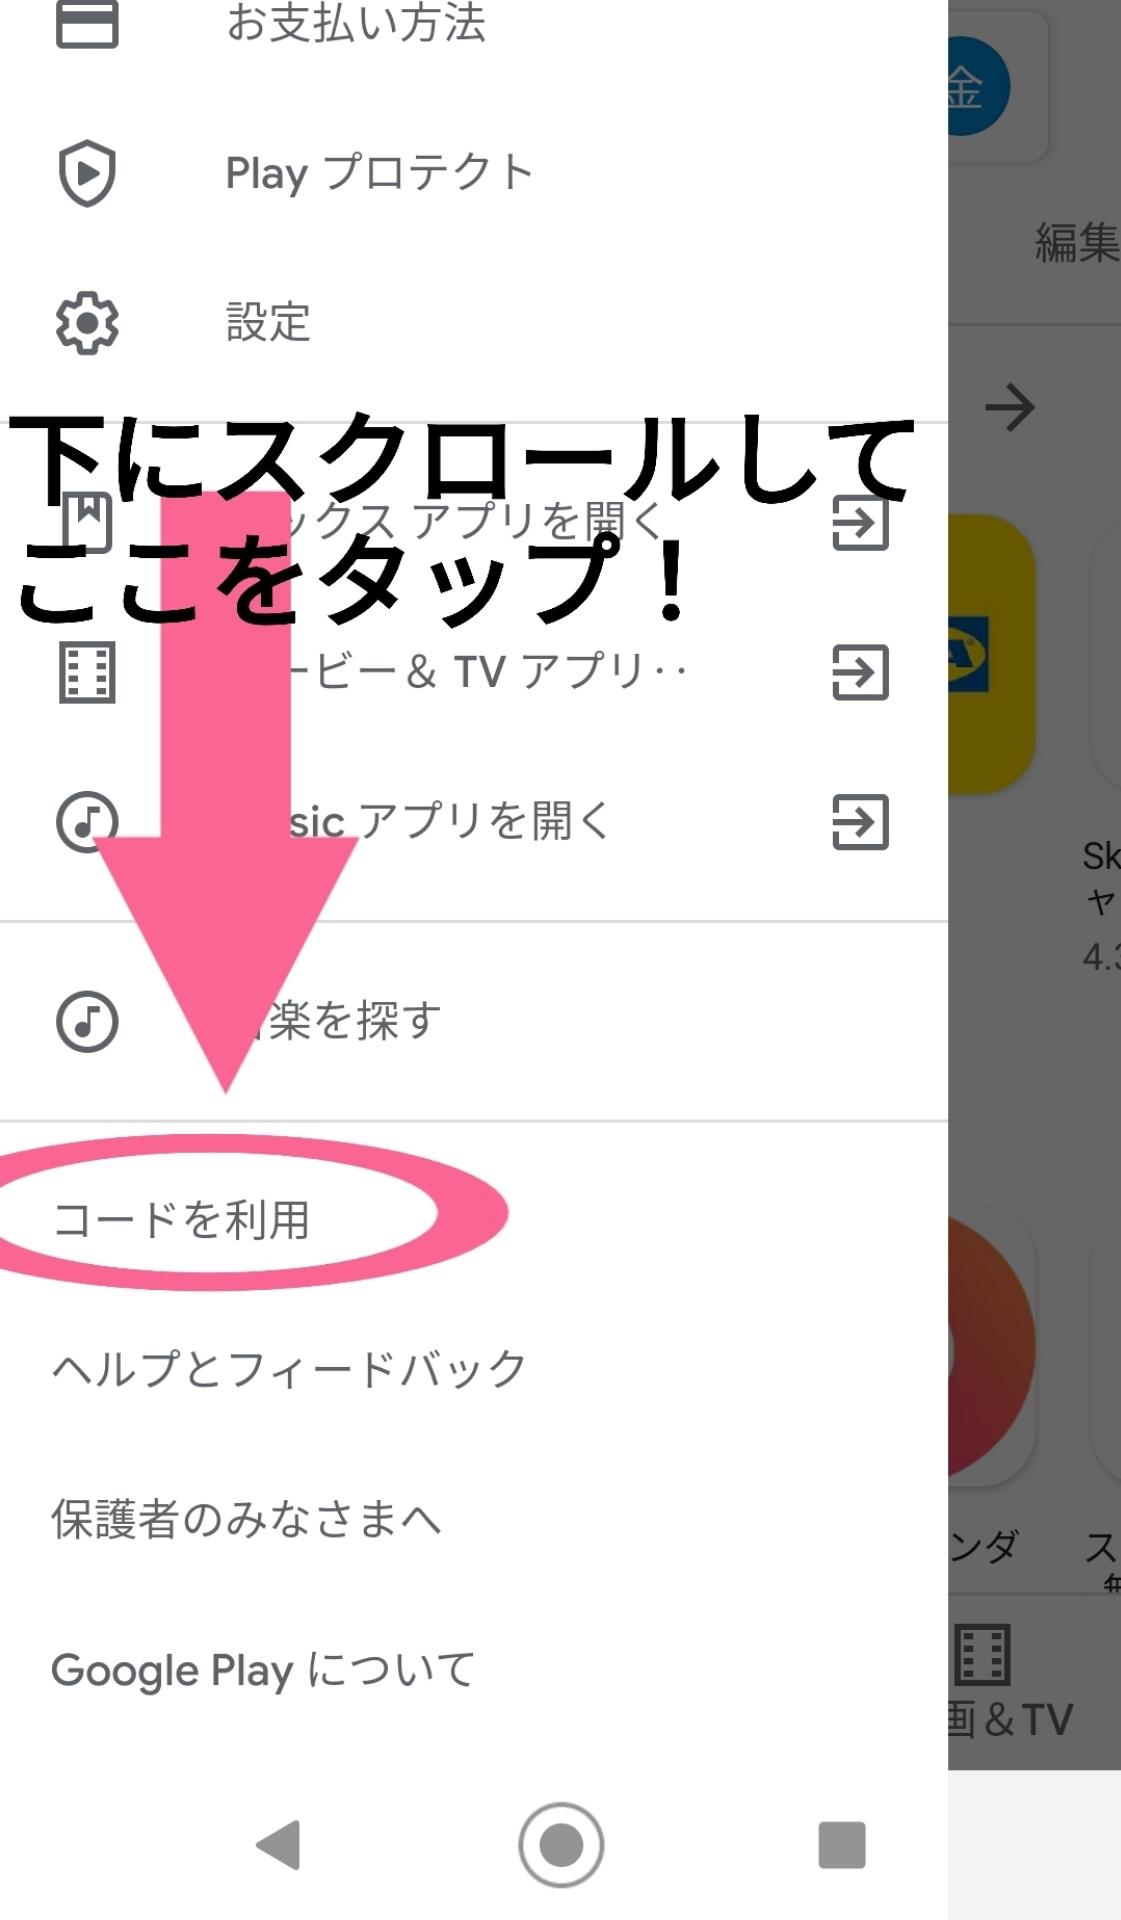 Google Play コードを利用